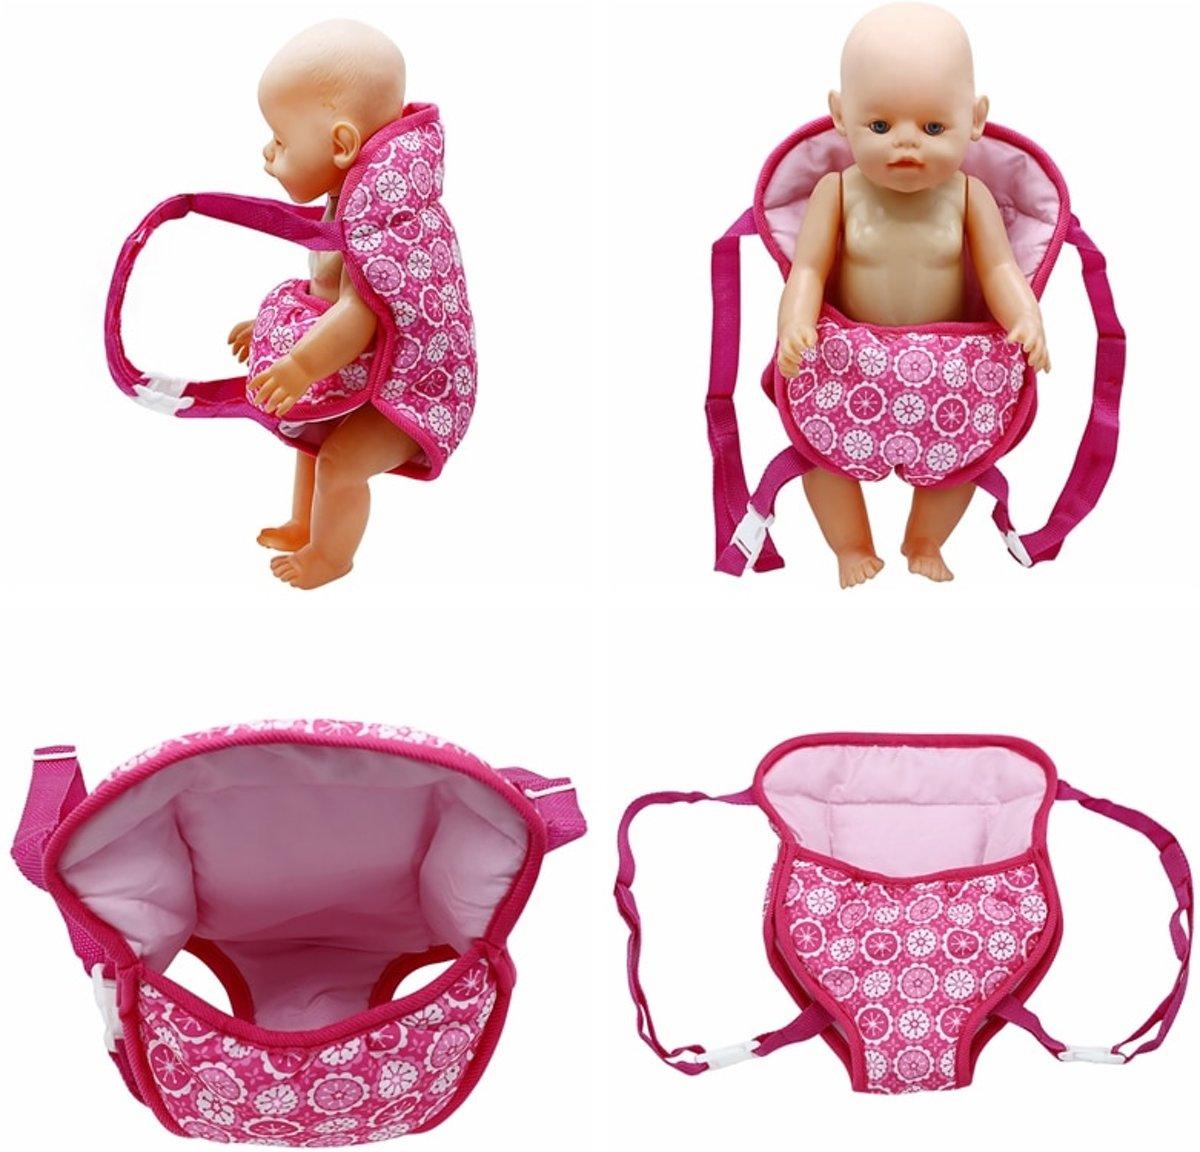 Poppendraagzak - Roze draagzak voor babypop of andere poppen tot 45 cm - geschikt voor kleuters